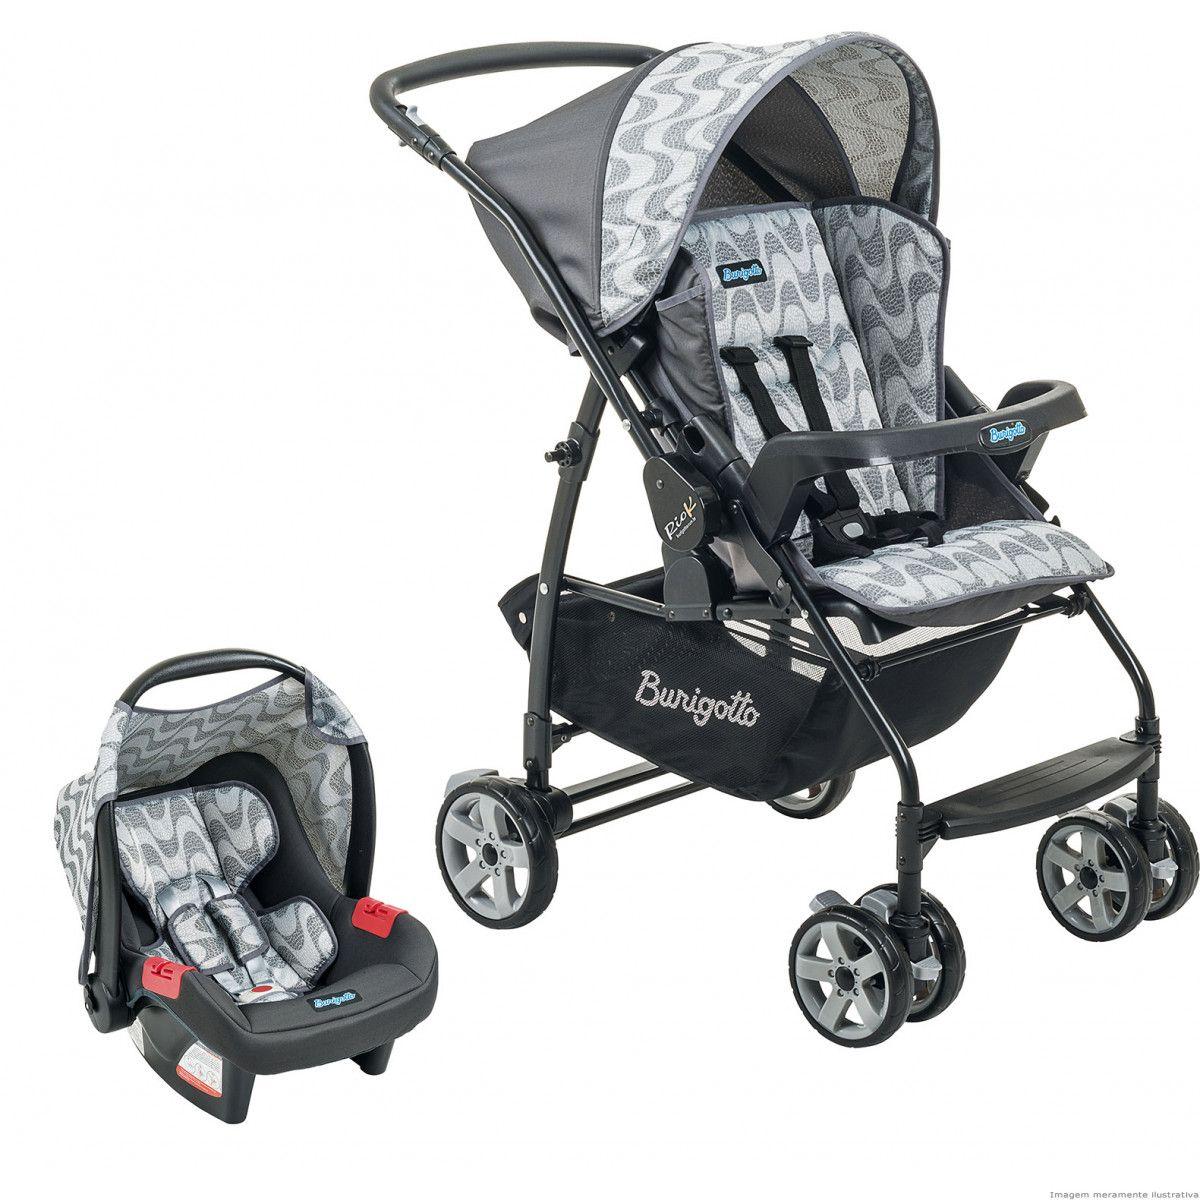 Carrinho de Bebê com Bebê Conforto Rio K Copacabana - Burigotto